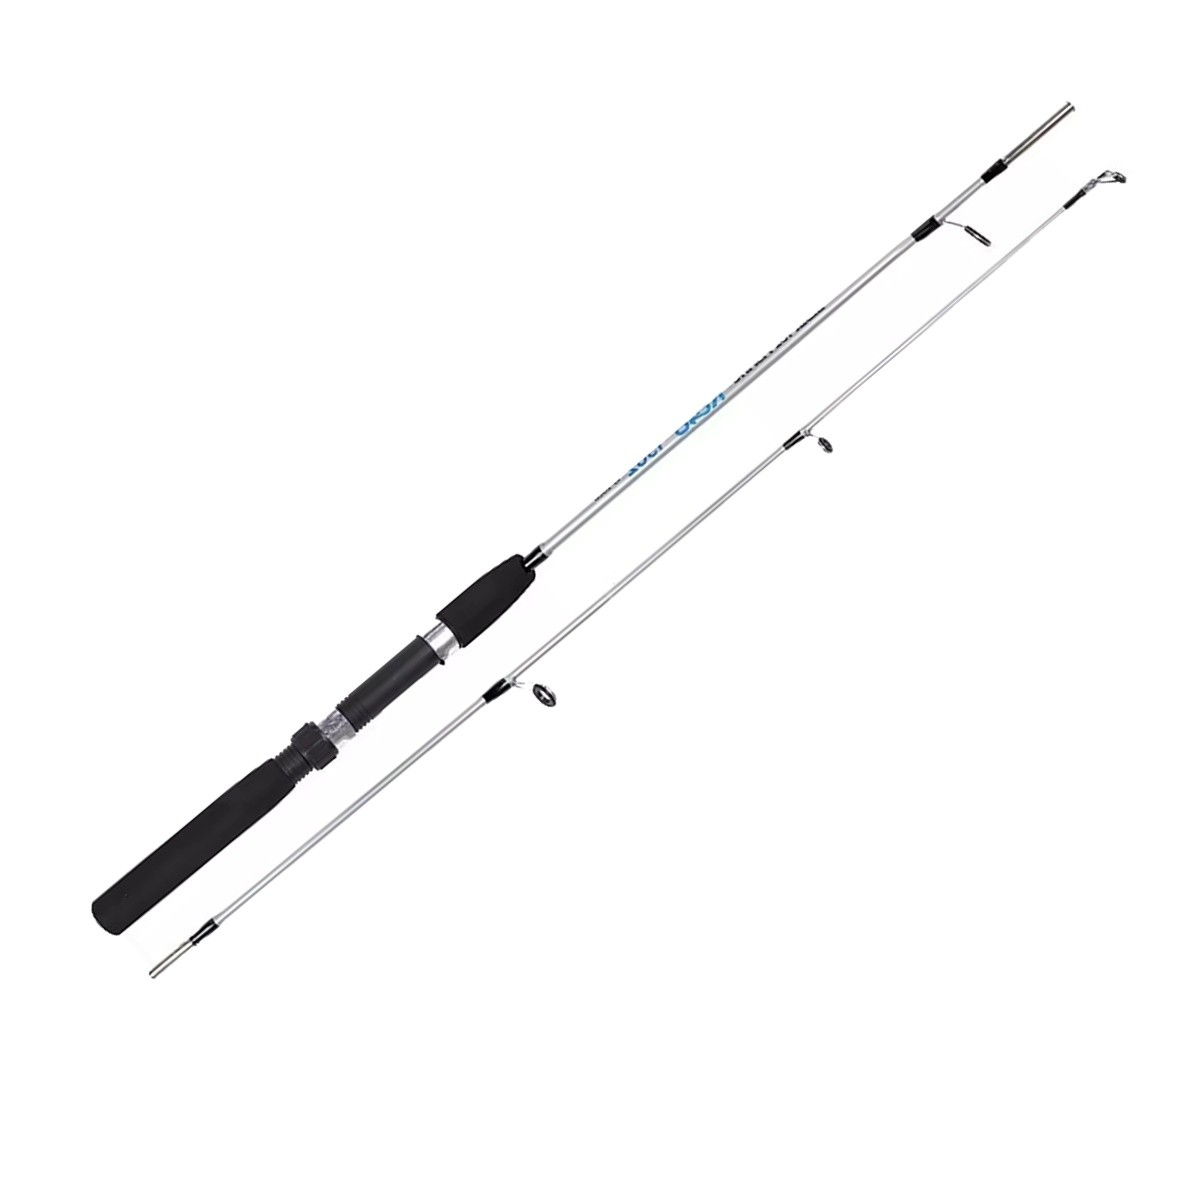 Vara De Pesca 1,35m 10-20lb Em Fibra De Vidro Para Molinete